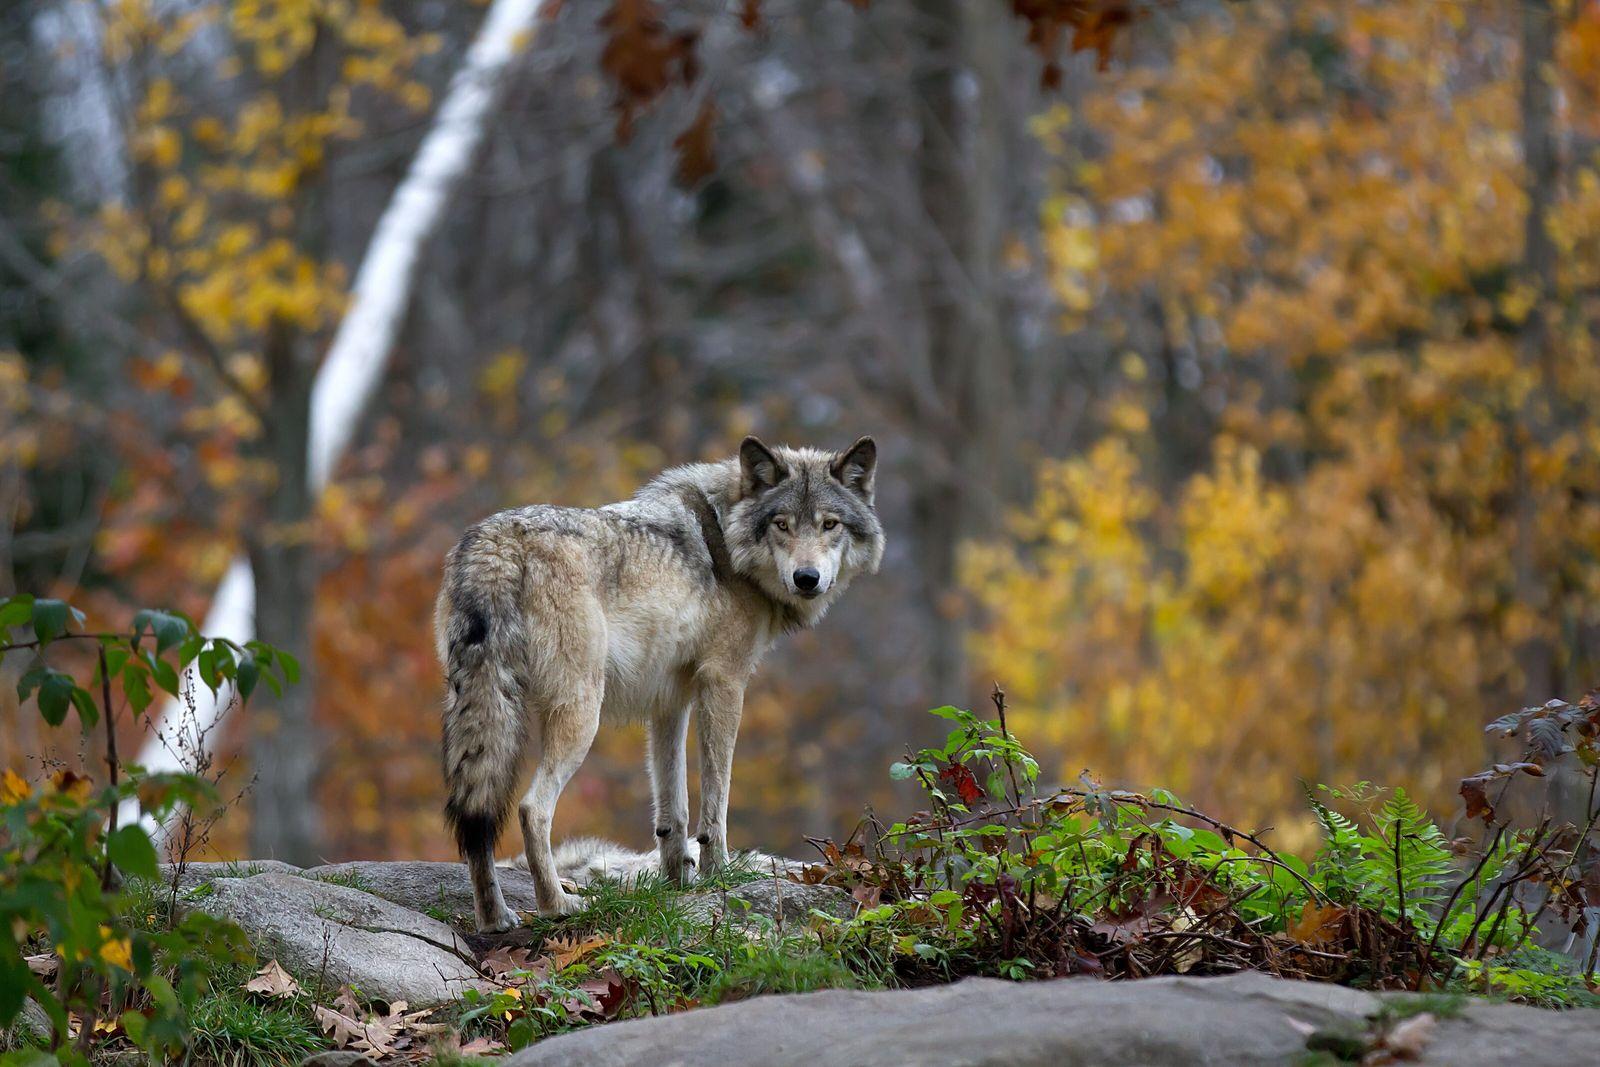 Edles Naturschutzsymbol oder mordendes Monster: Nach 150 Jahren erobert der Wolf seinen früheren Lebensraum in Mitteleuropa ...